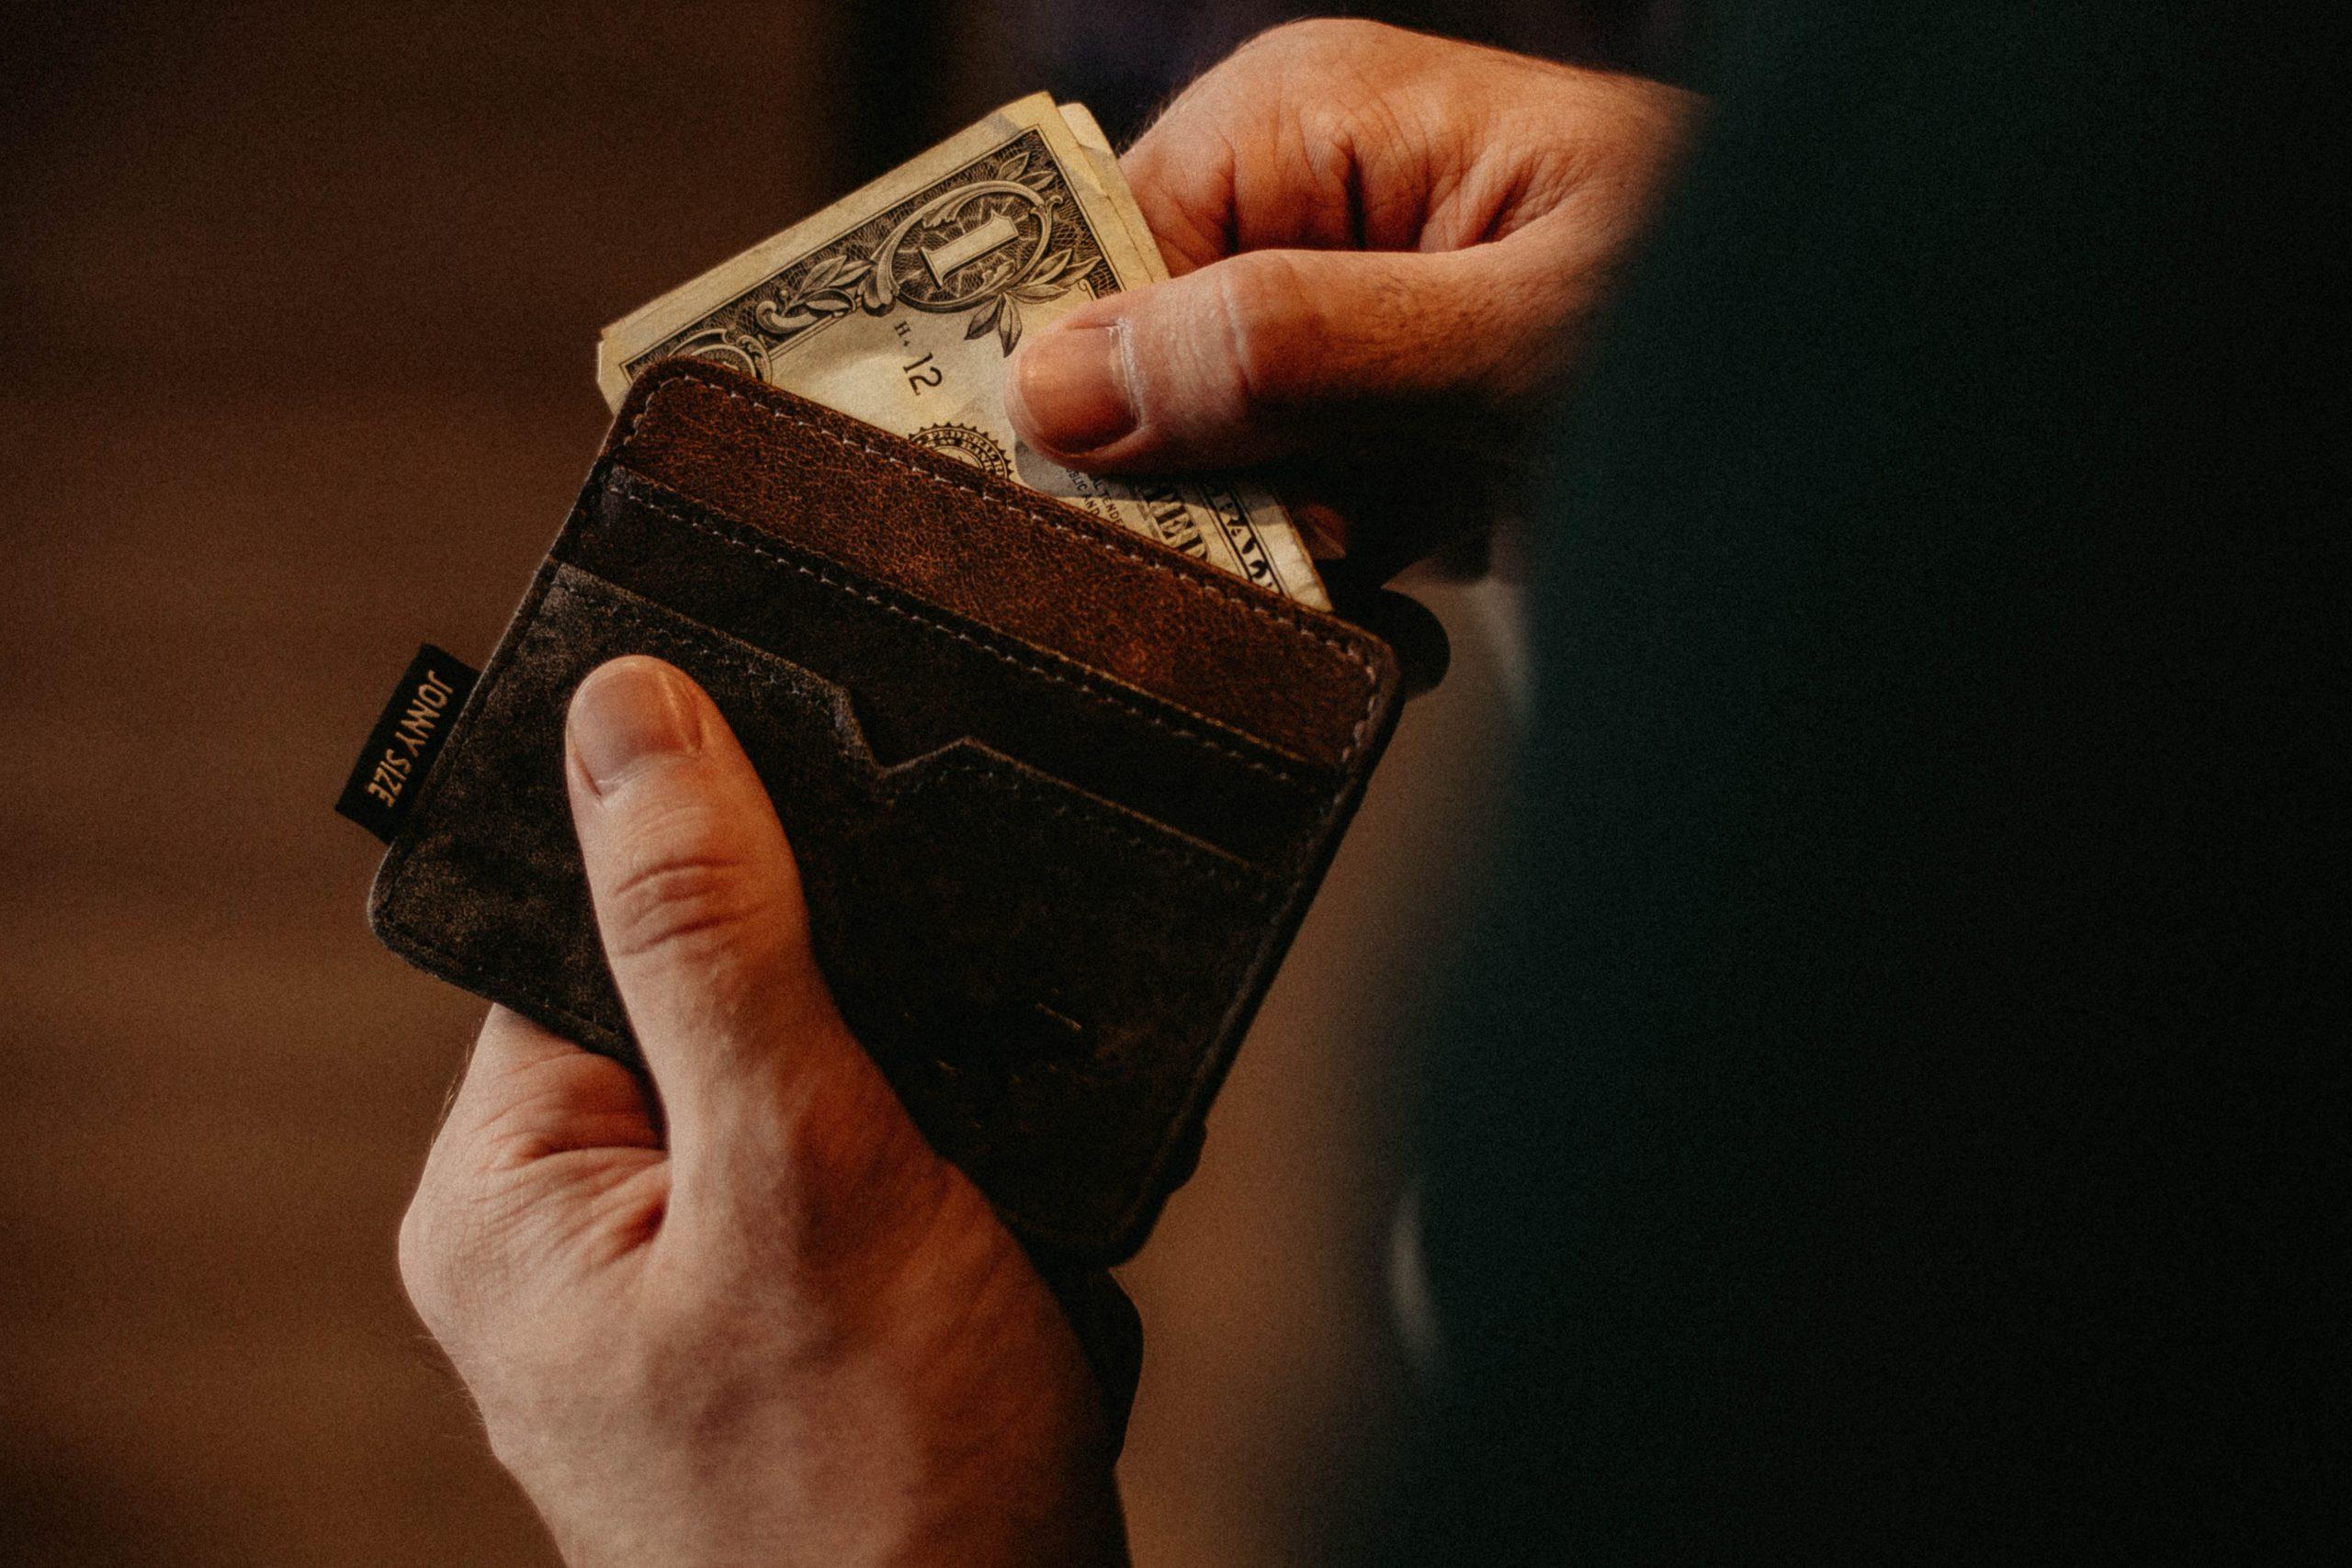 男性が財布からお札を取り出そうとしている